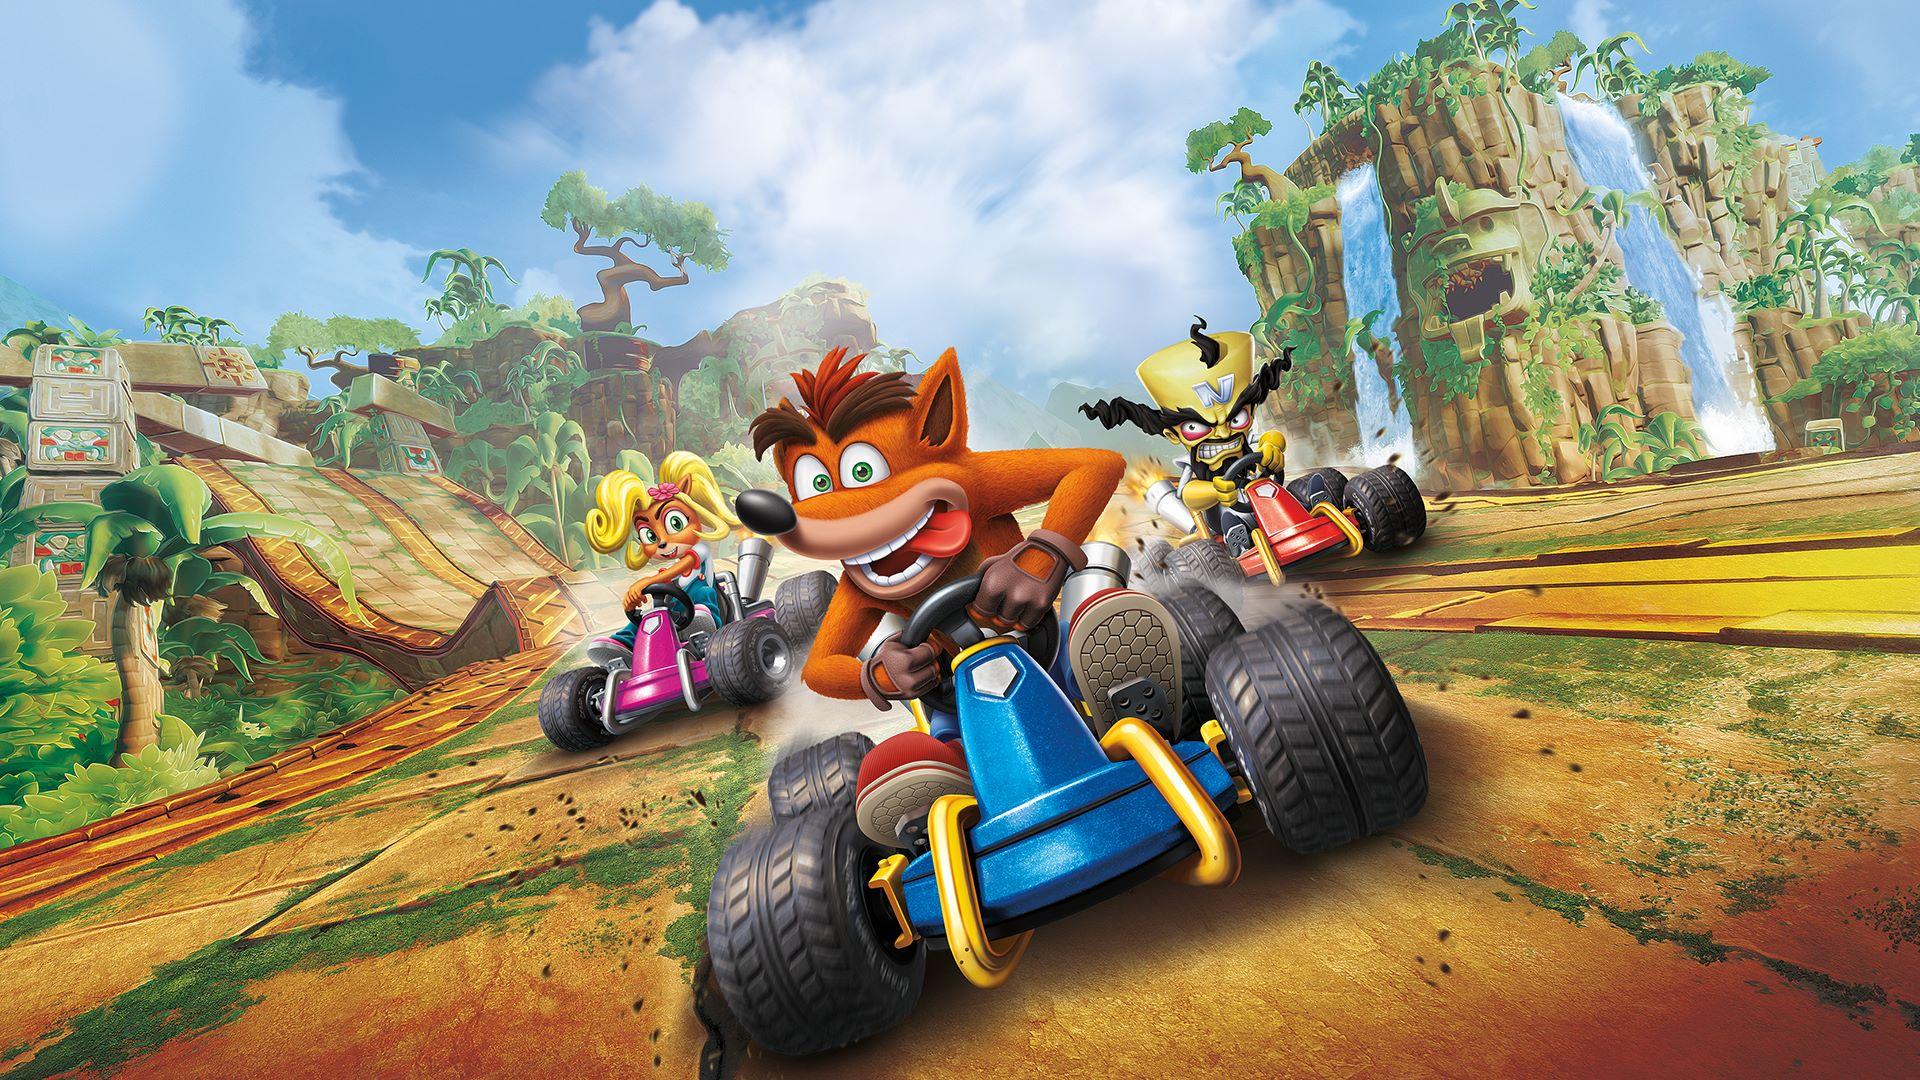 جزئیات جدیدی از موسیقیهای عنوان Crash Team Racing Nitro-Fueled منتشر شد